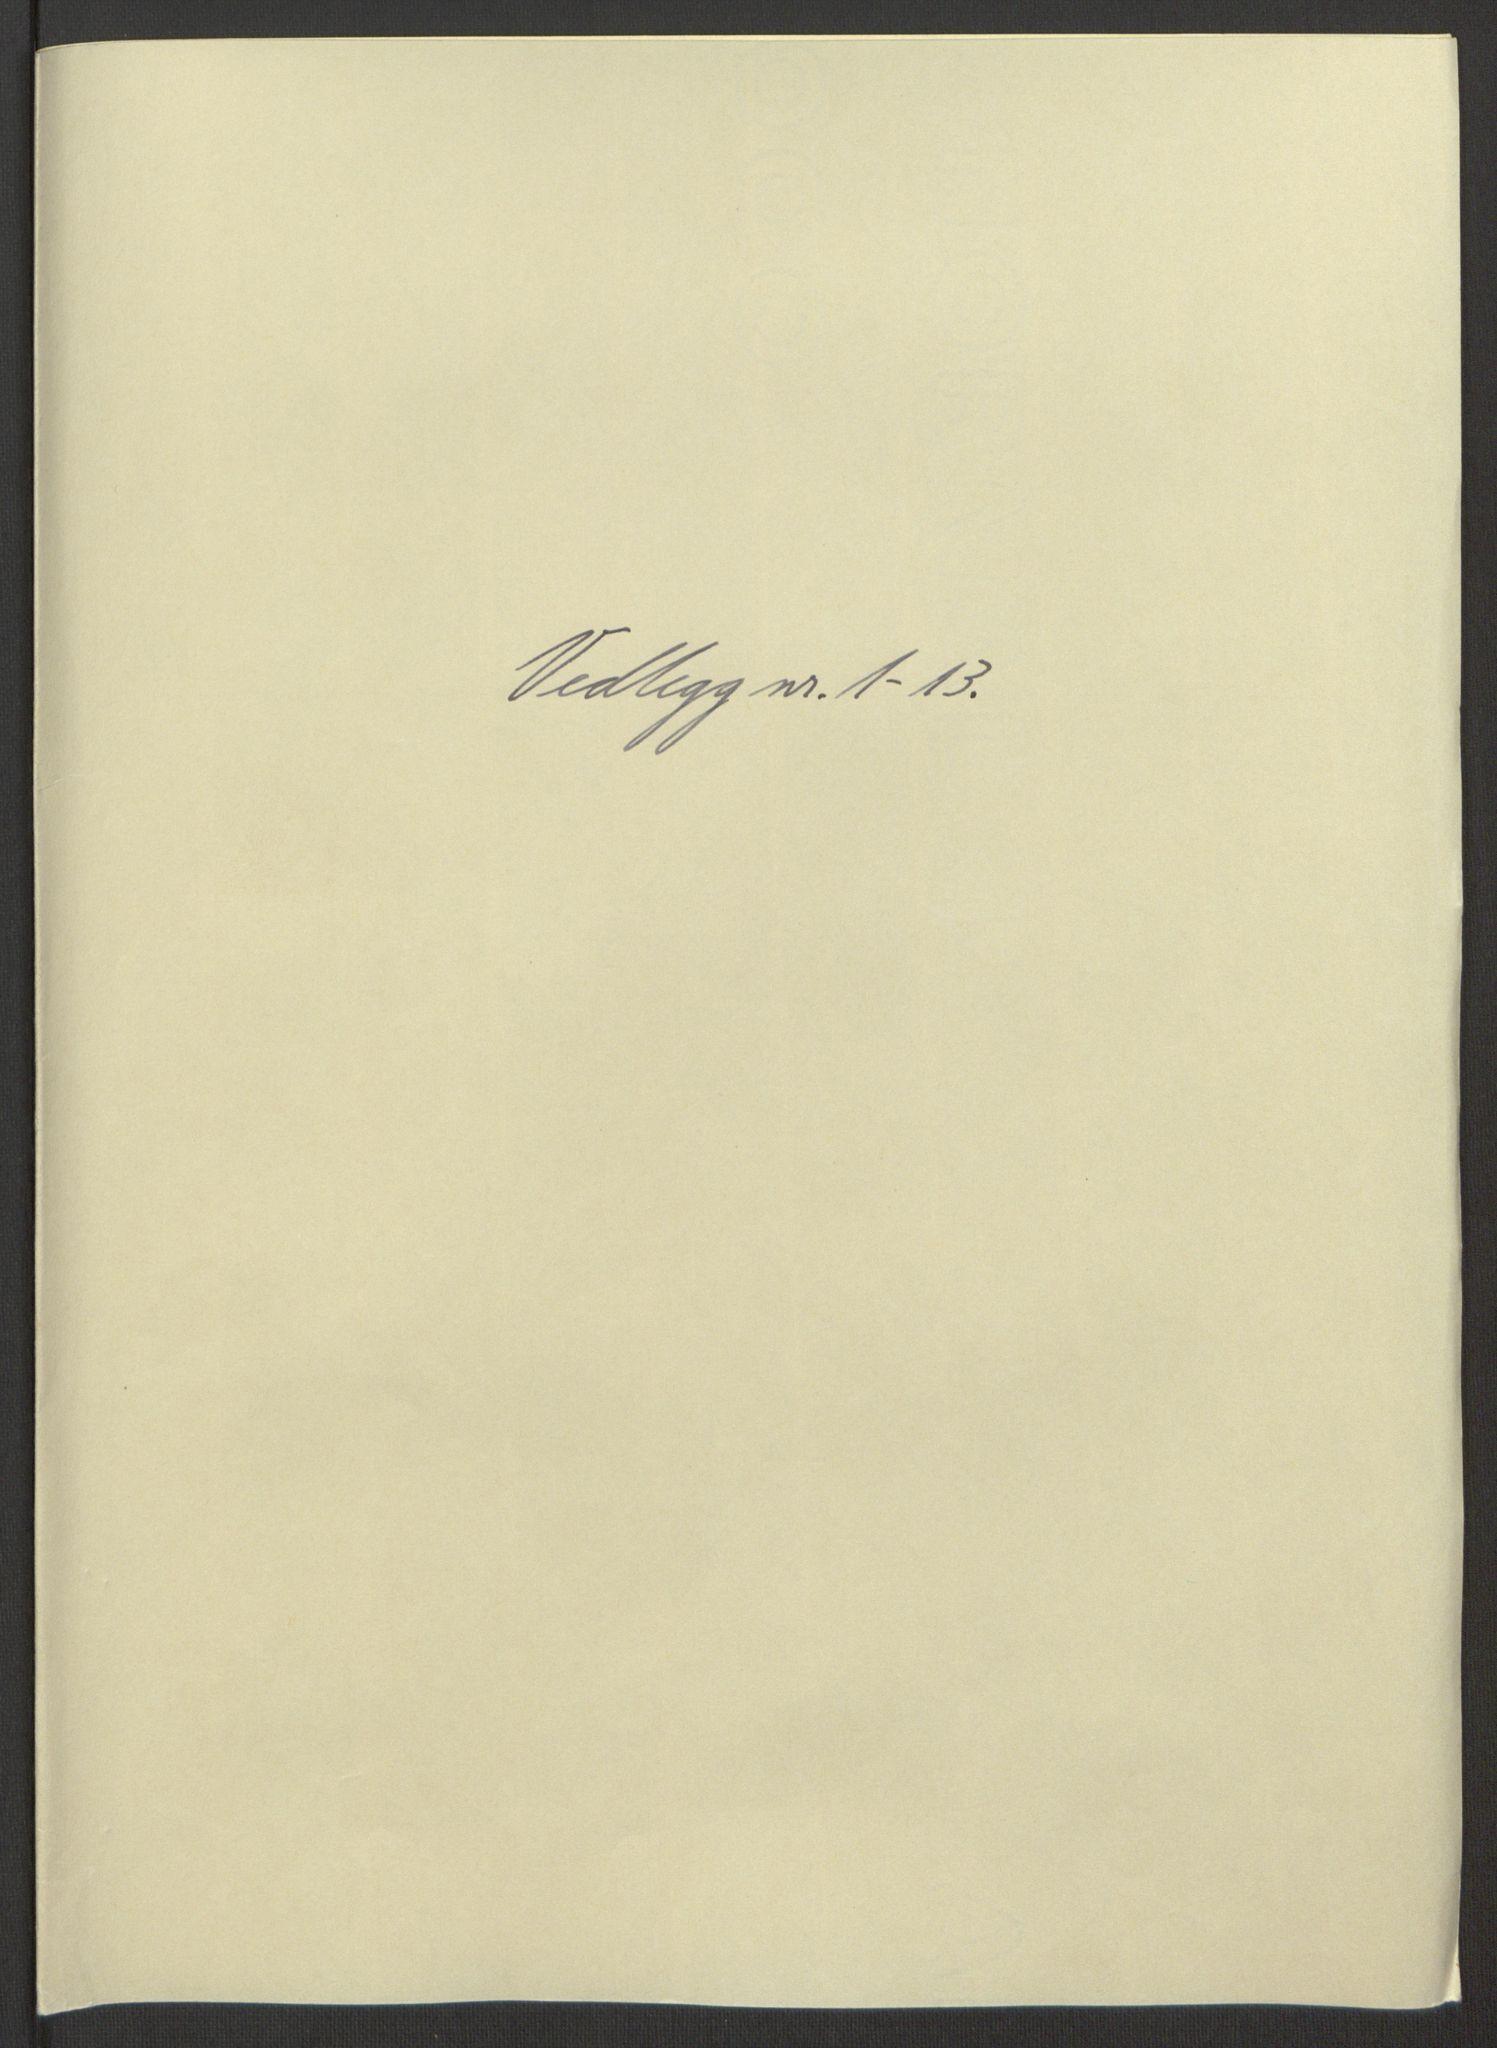 RA, Rentekammeret inntil 1814, Reviderte regnskaper, Fogderegnskap, R52/L3308: Fogderegnskap Sogn, 1695, s. 334